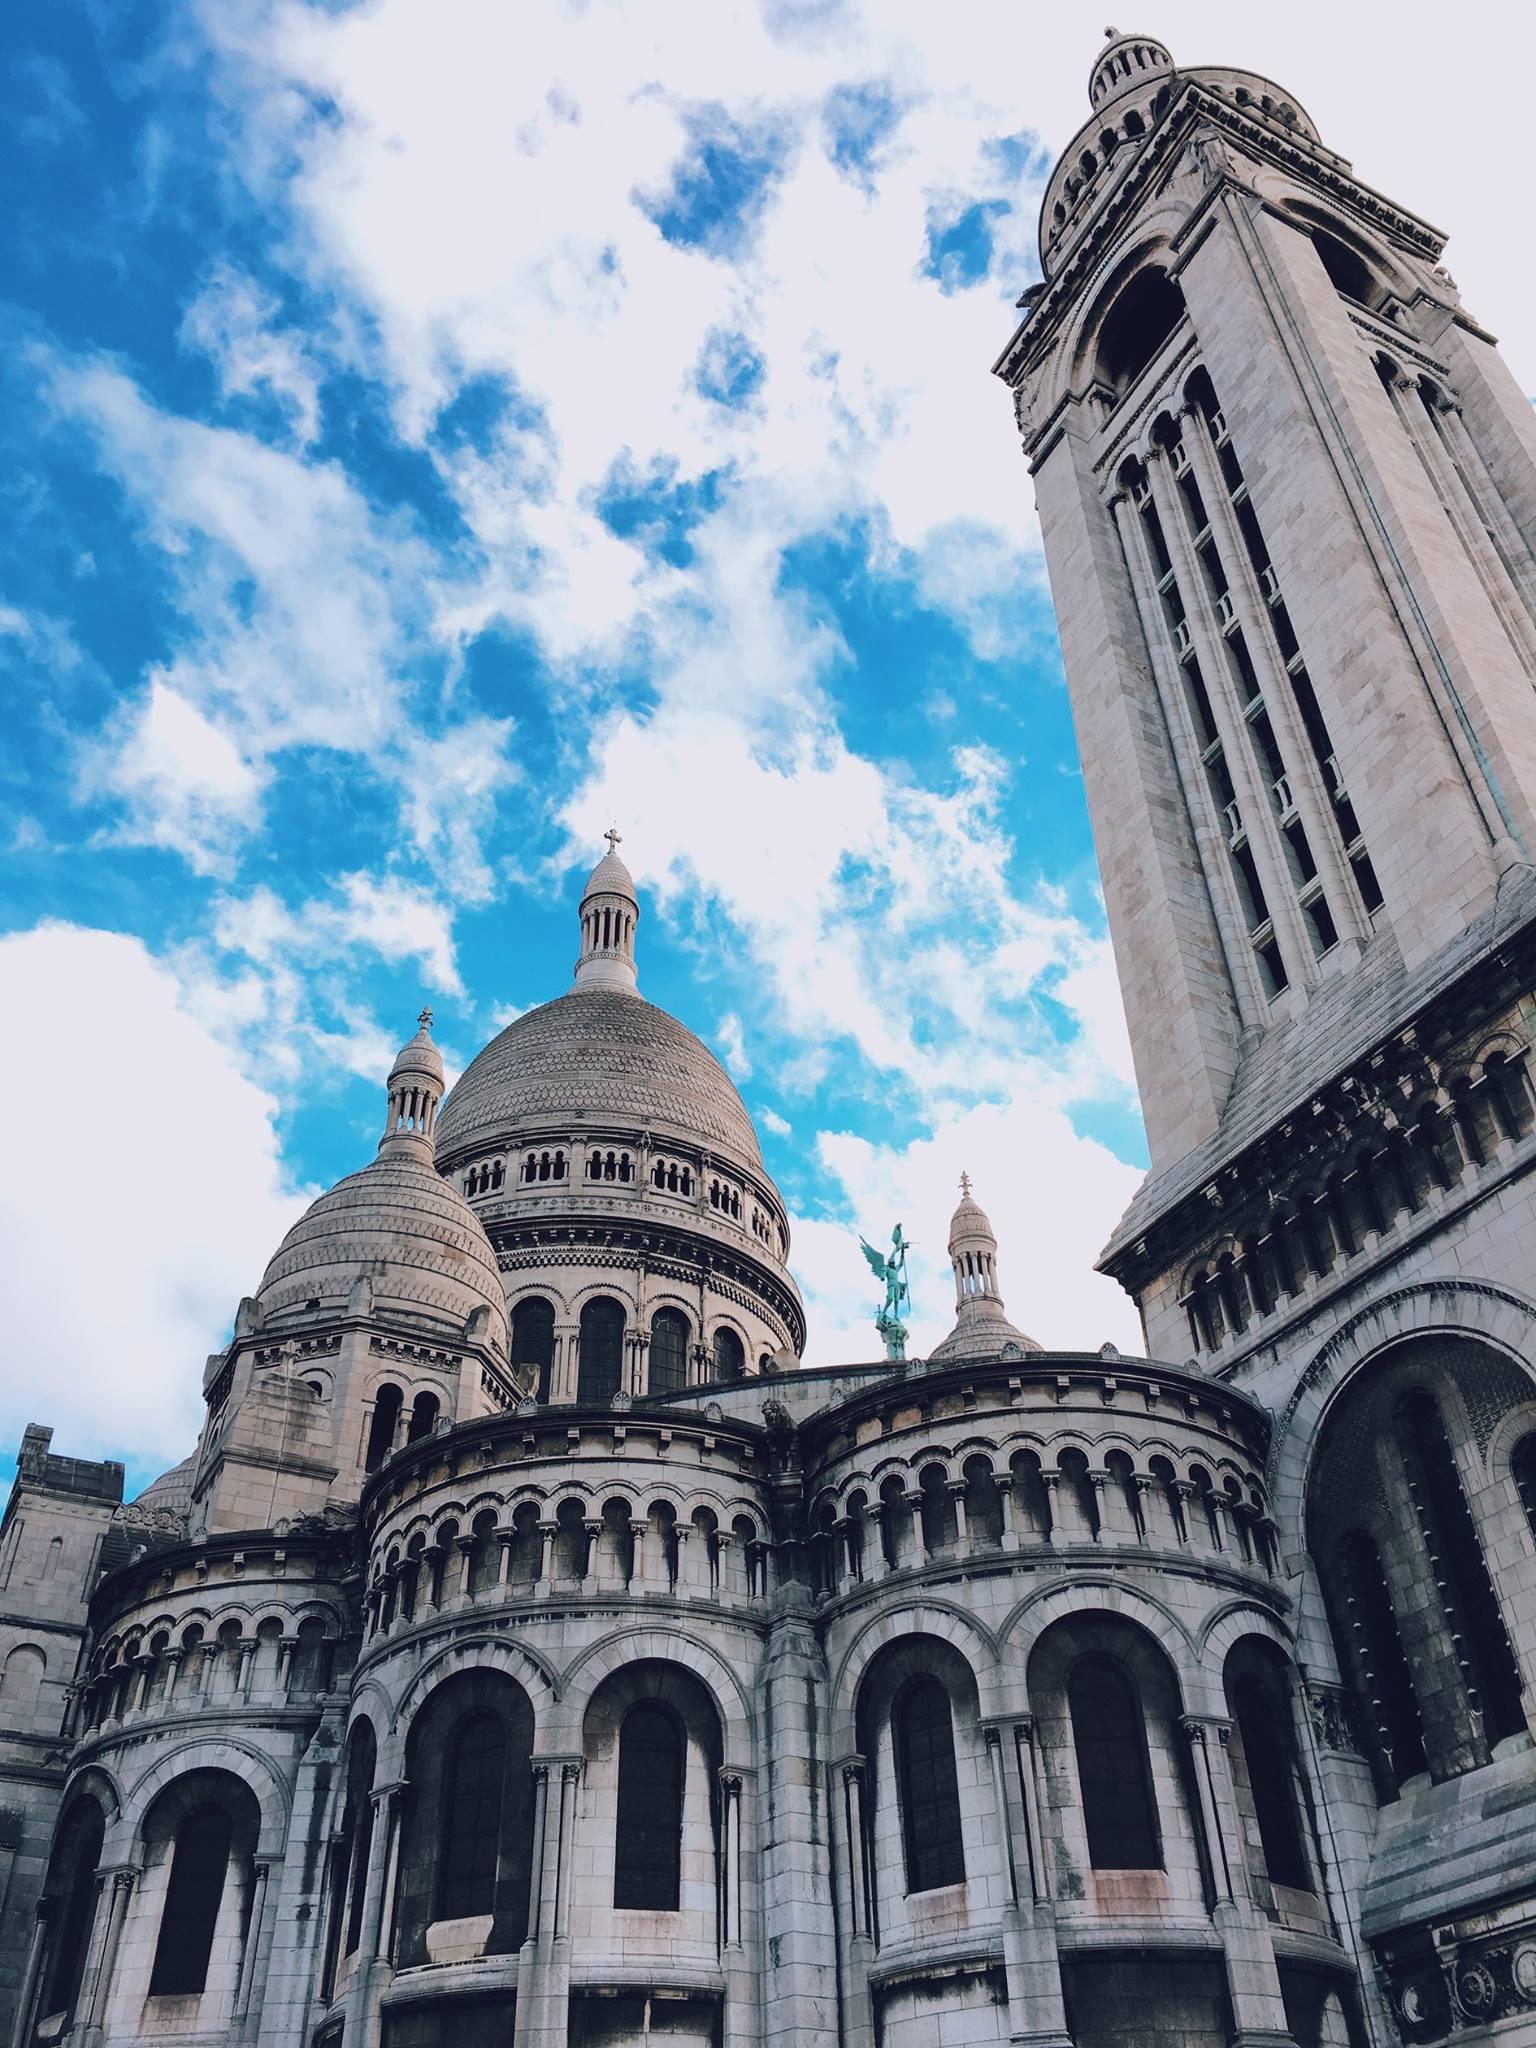 TroyBronson-Sacré-Cœur-Paris-France